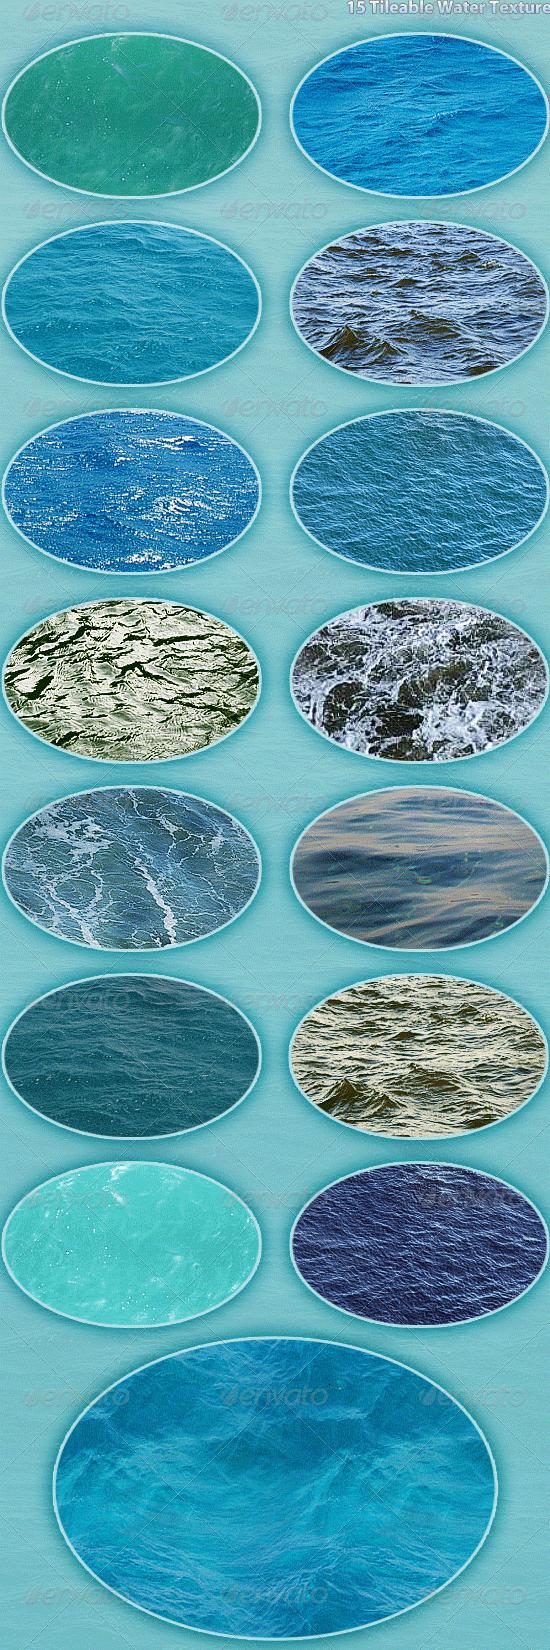 15 water textures